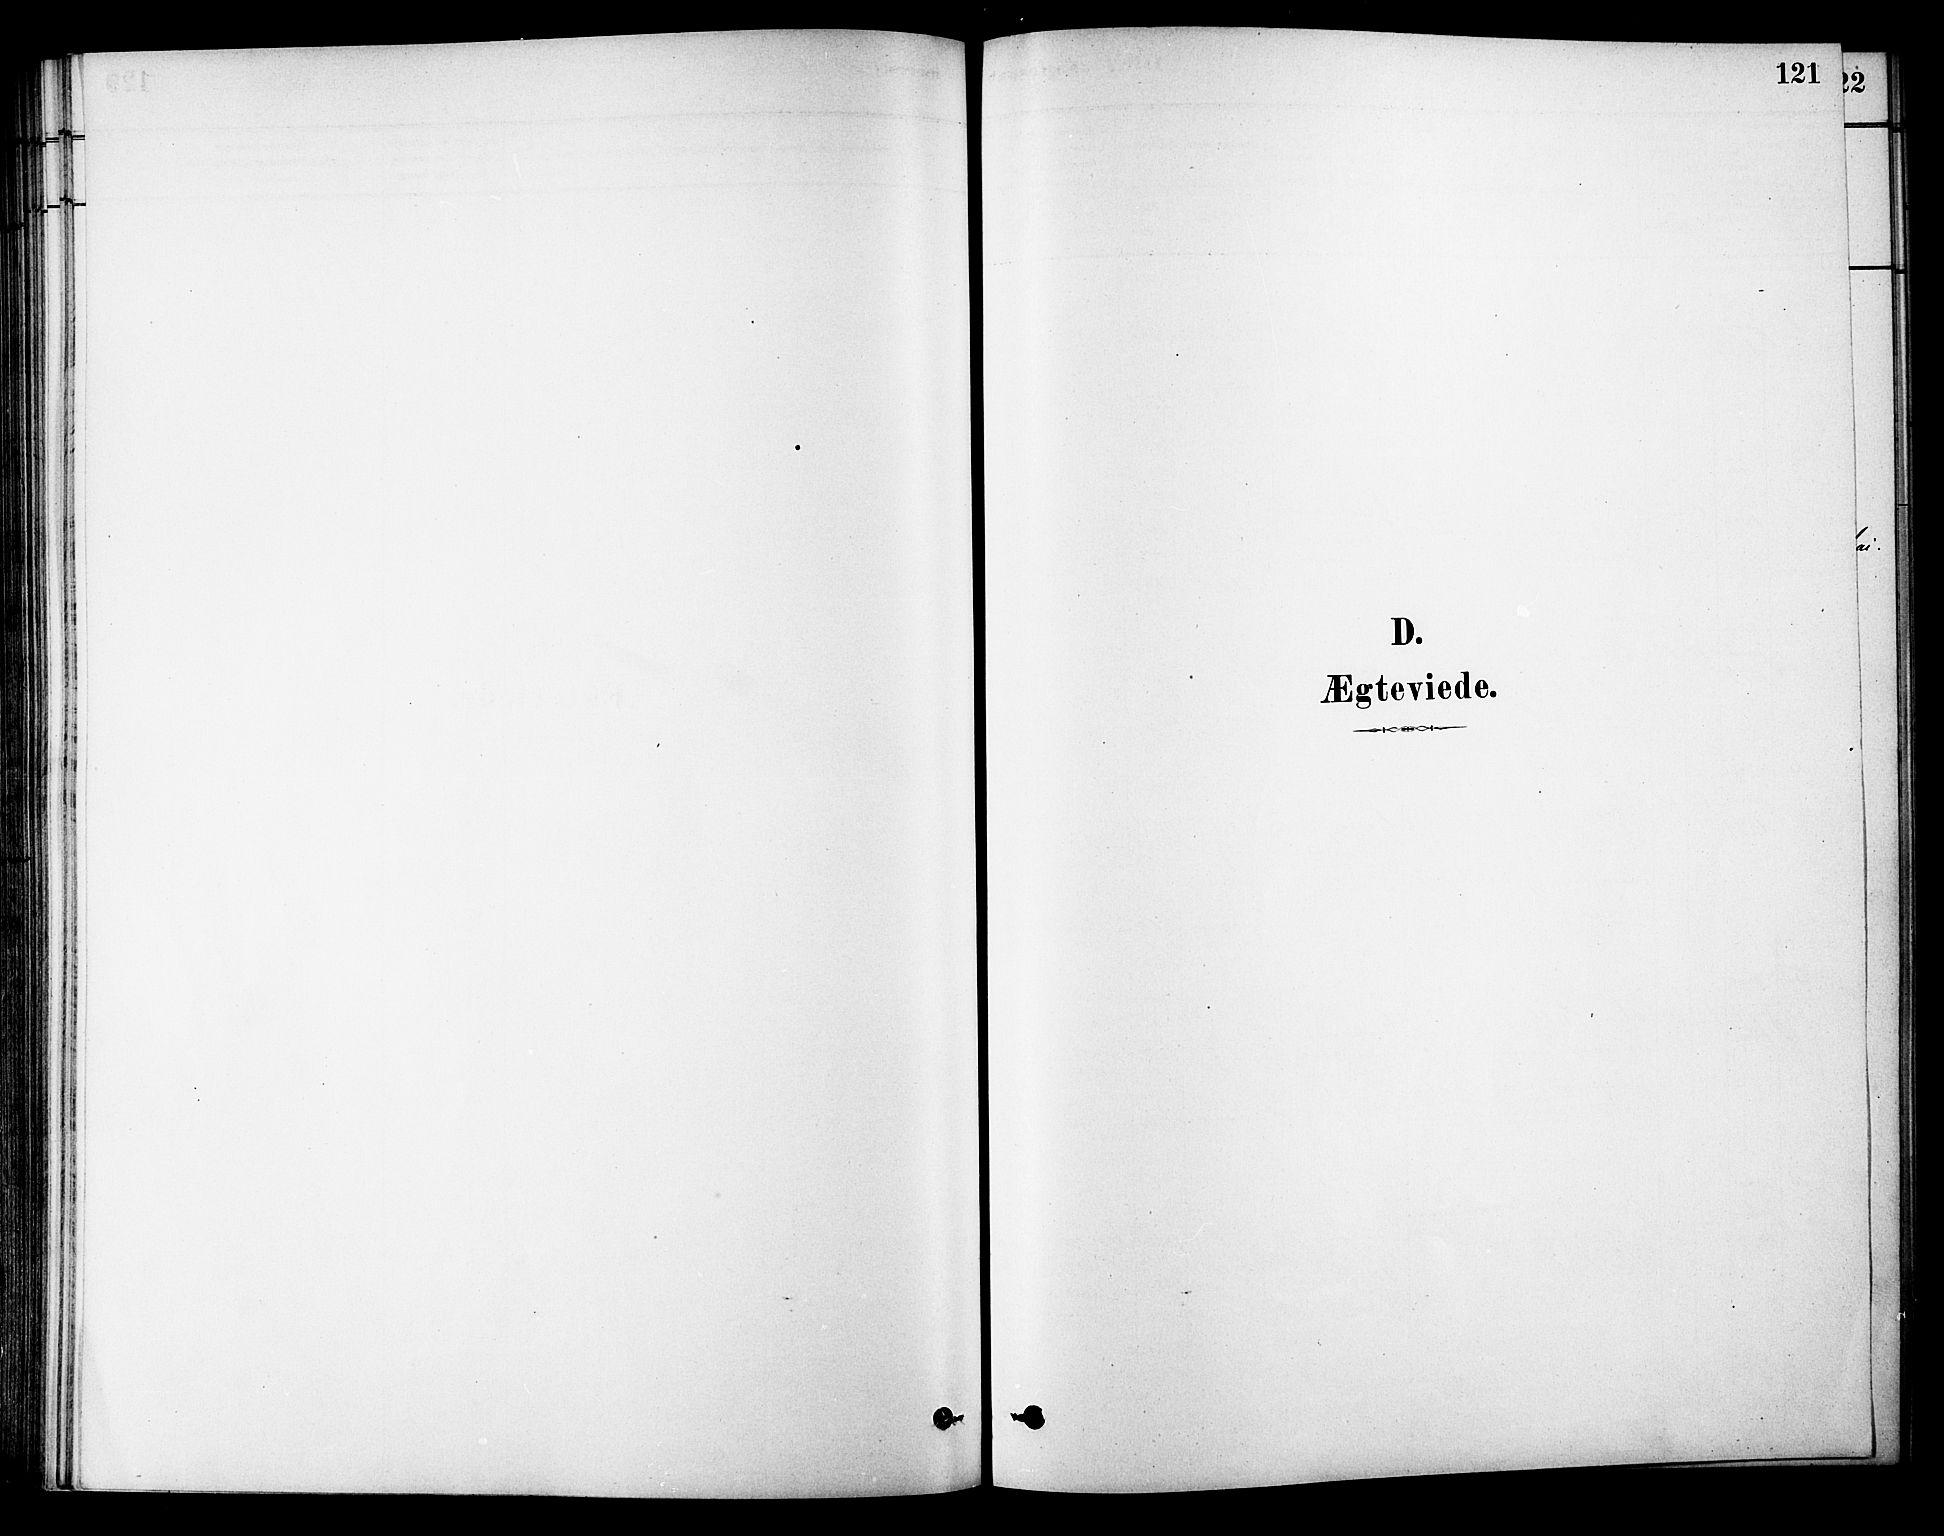 SAT, Ministerialprotokoller, klokkerbøker og fødselsregistre - Sør-Trøndelag, 686/L0983: Ministerialbok nr. 686A01, 1879-1890, s. 121